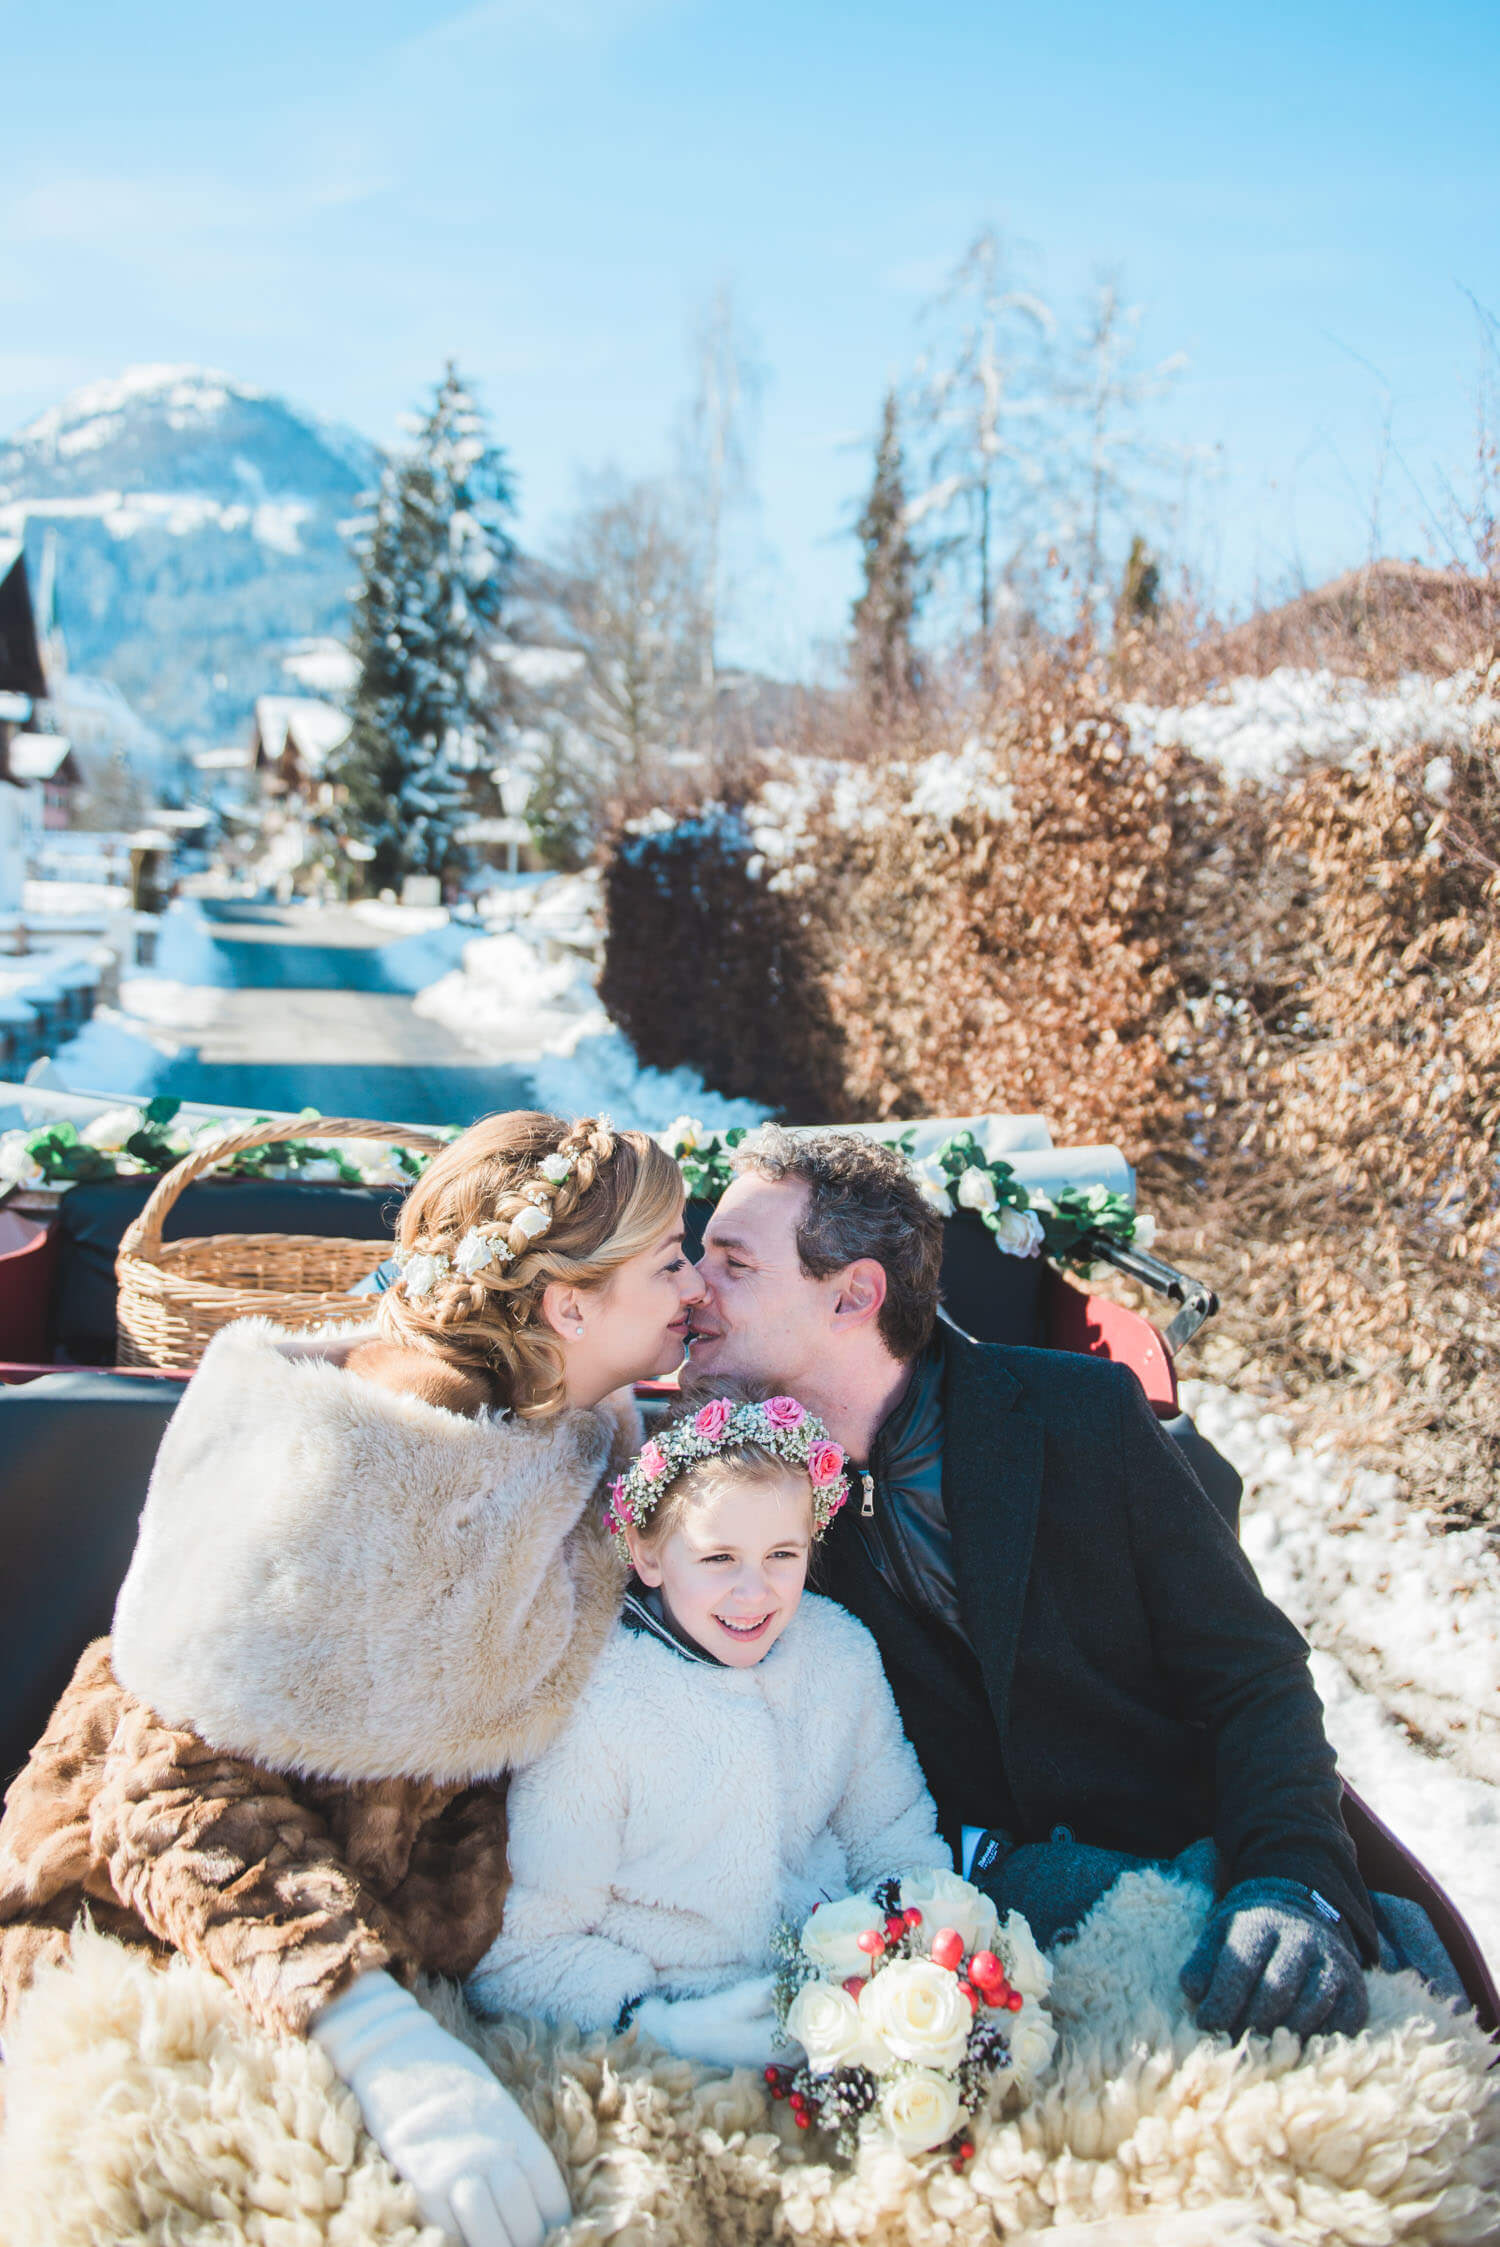 Trouwfotograaf voor bruiloft in het buitenland - ©Wit Photography - Londen trouwfotograaf, Griekenland trouwfotograaf, Parijs trouwfotograaf, Italie trouwfotograaf-14-2